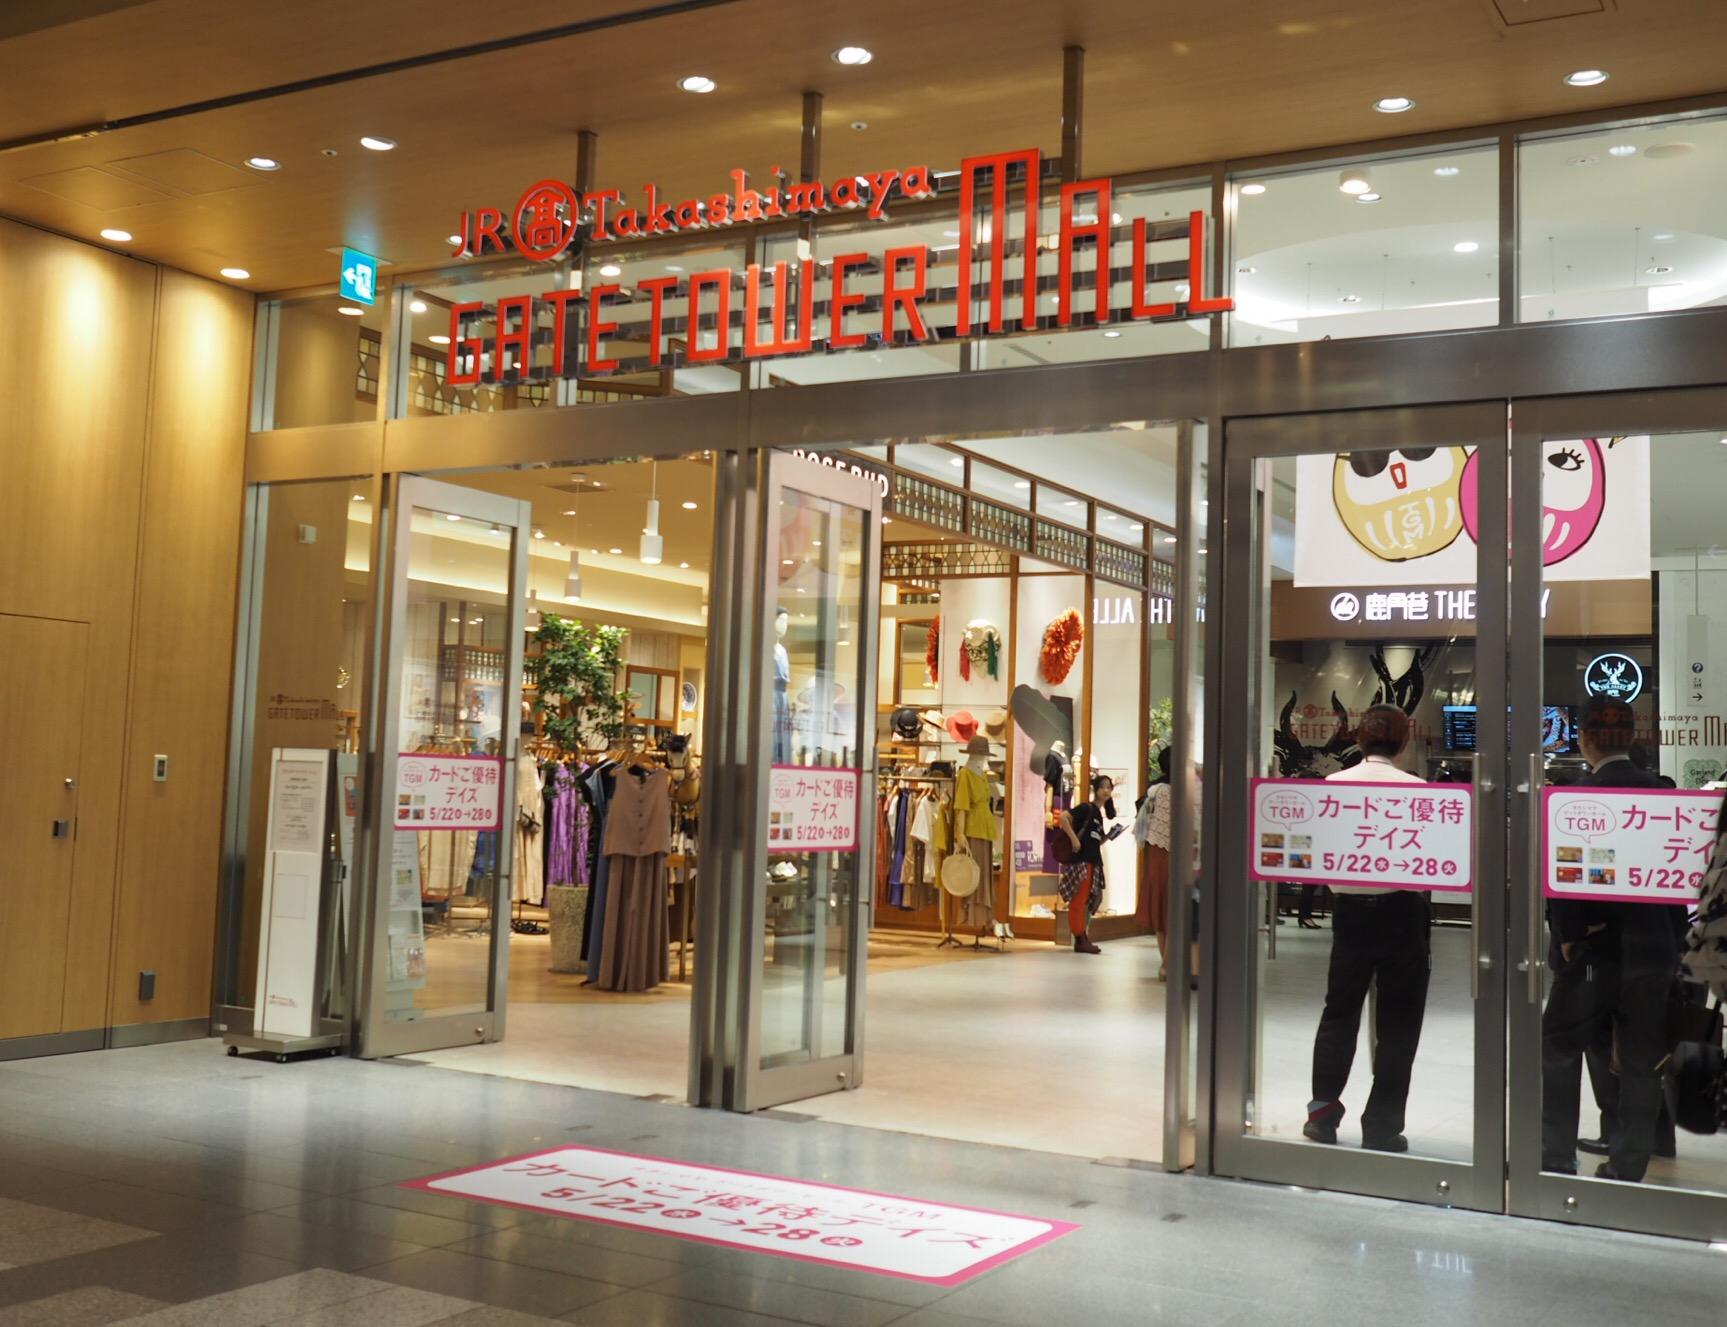 話題の台湾ティースタンド「THE ALLEY(ジ・アレイ)」が名駅ゲートタワーモールにオープン! - thealley02